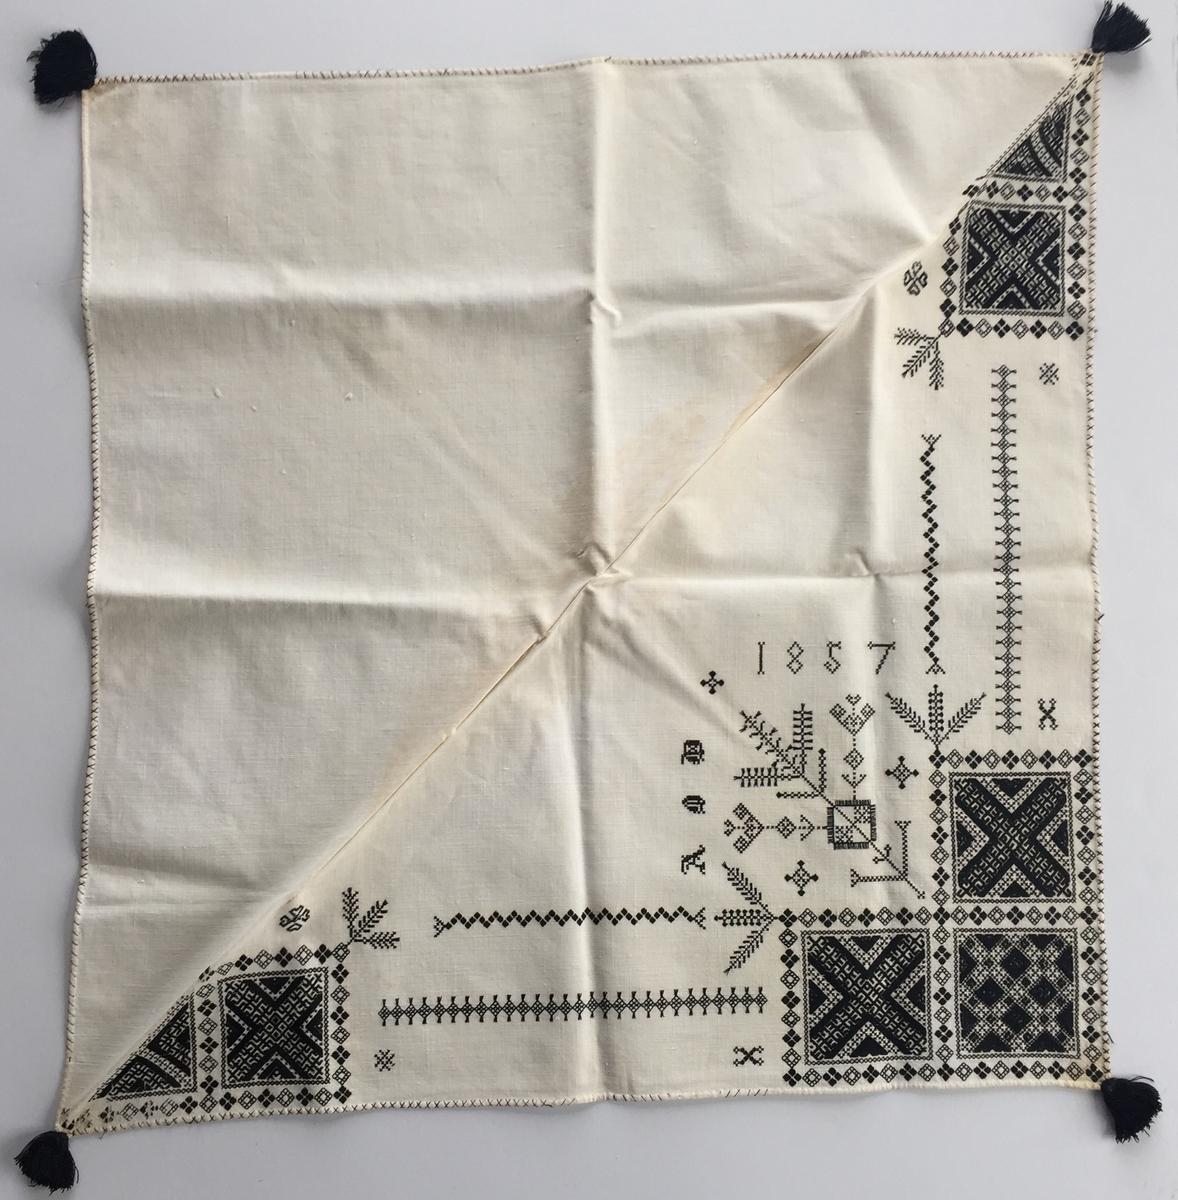 Geometriskt mönster i huvudsak i rätlinjig plattsöm  i kvadrater i hörnen. Två bårder mellan kvadraterna på ryggsnibb och framsnibbar.  På ryggsnibben tre kvadrater och en  majstångsspira samt märkning med årtal och initialer. På varje framsnibb en kvadrat och en trekant. Nio ornament.